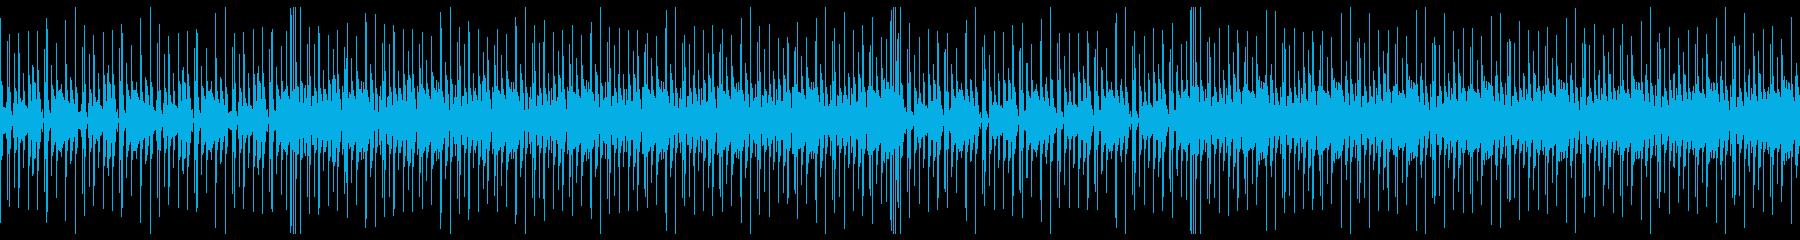 ファンキーなギターのBGMの再生済みの波形